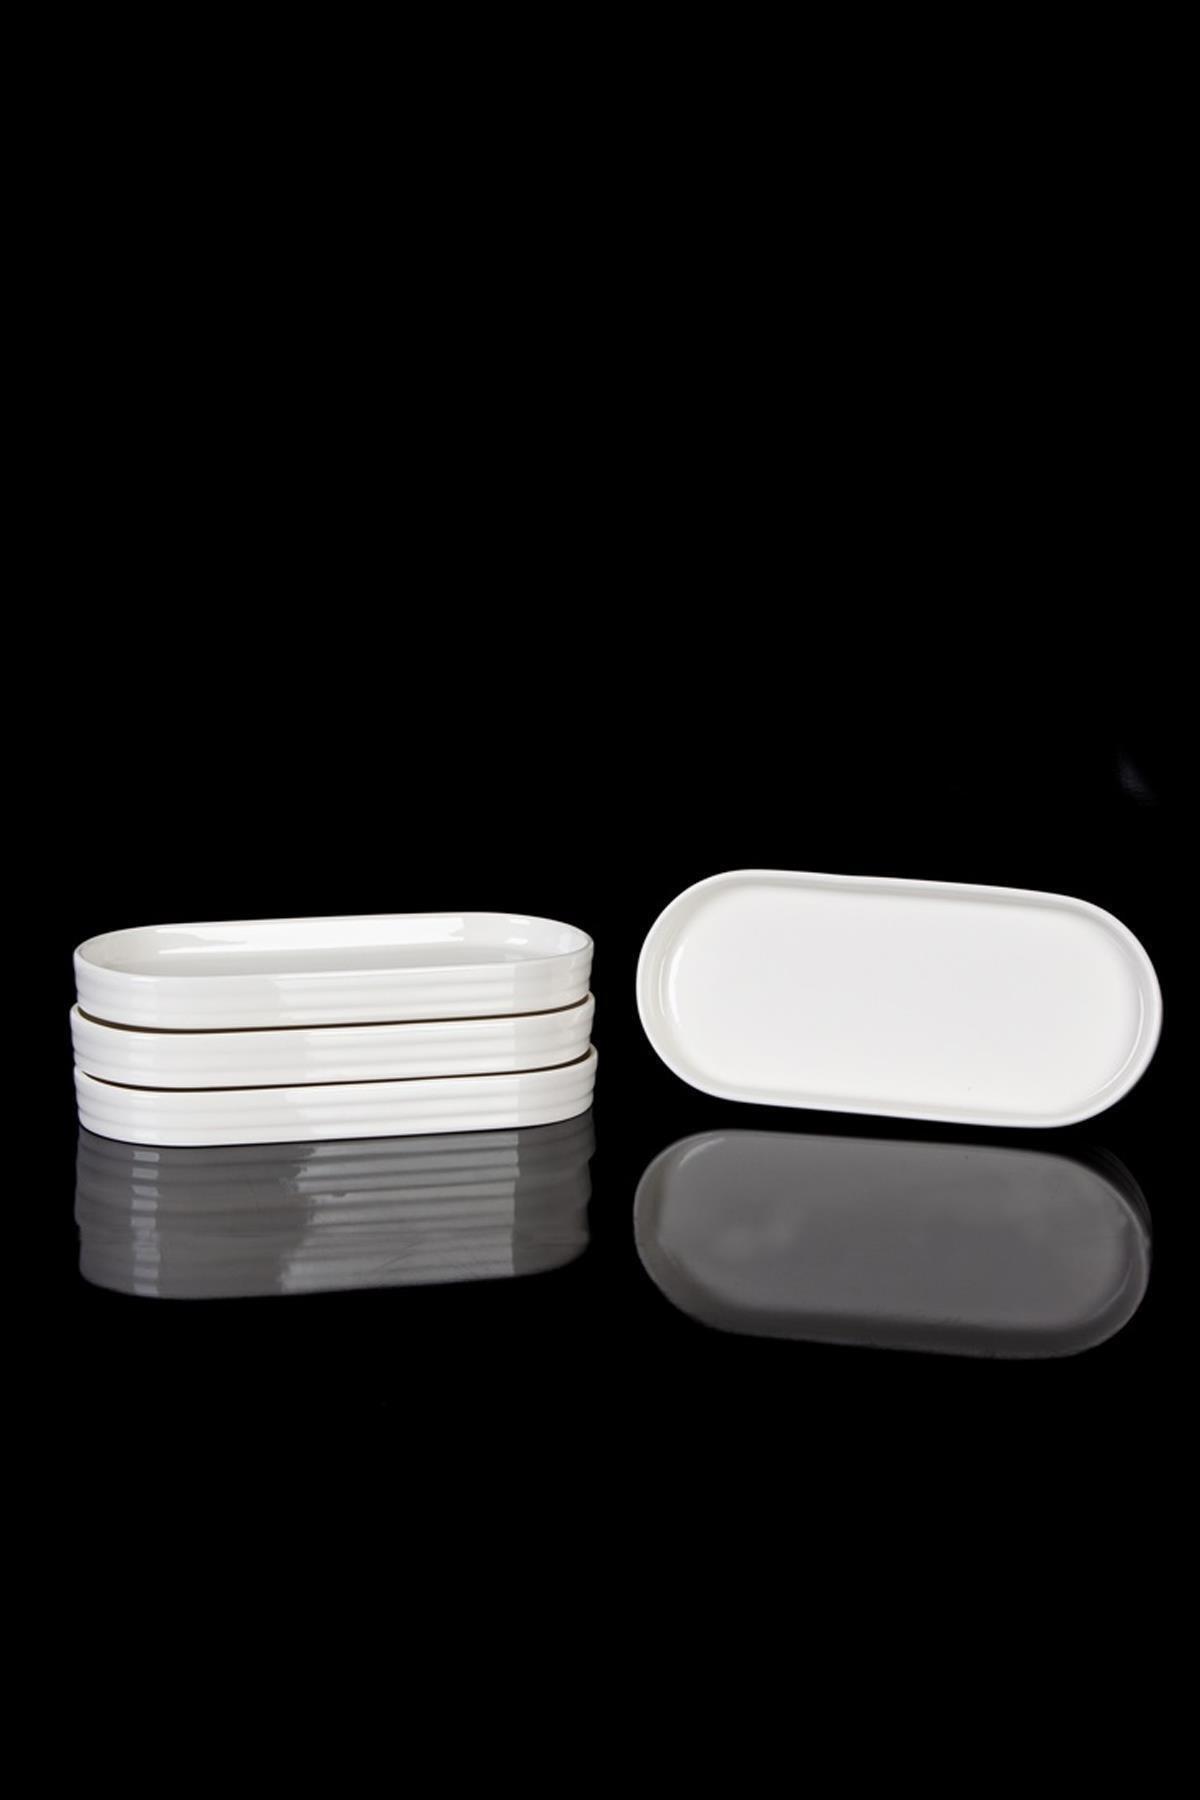 Bianca Perla 6lı Porselen Oval Servis Tabak - 20.5 Cm